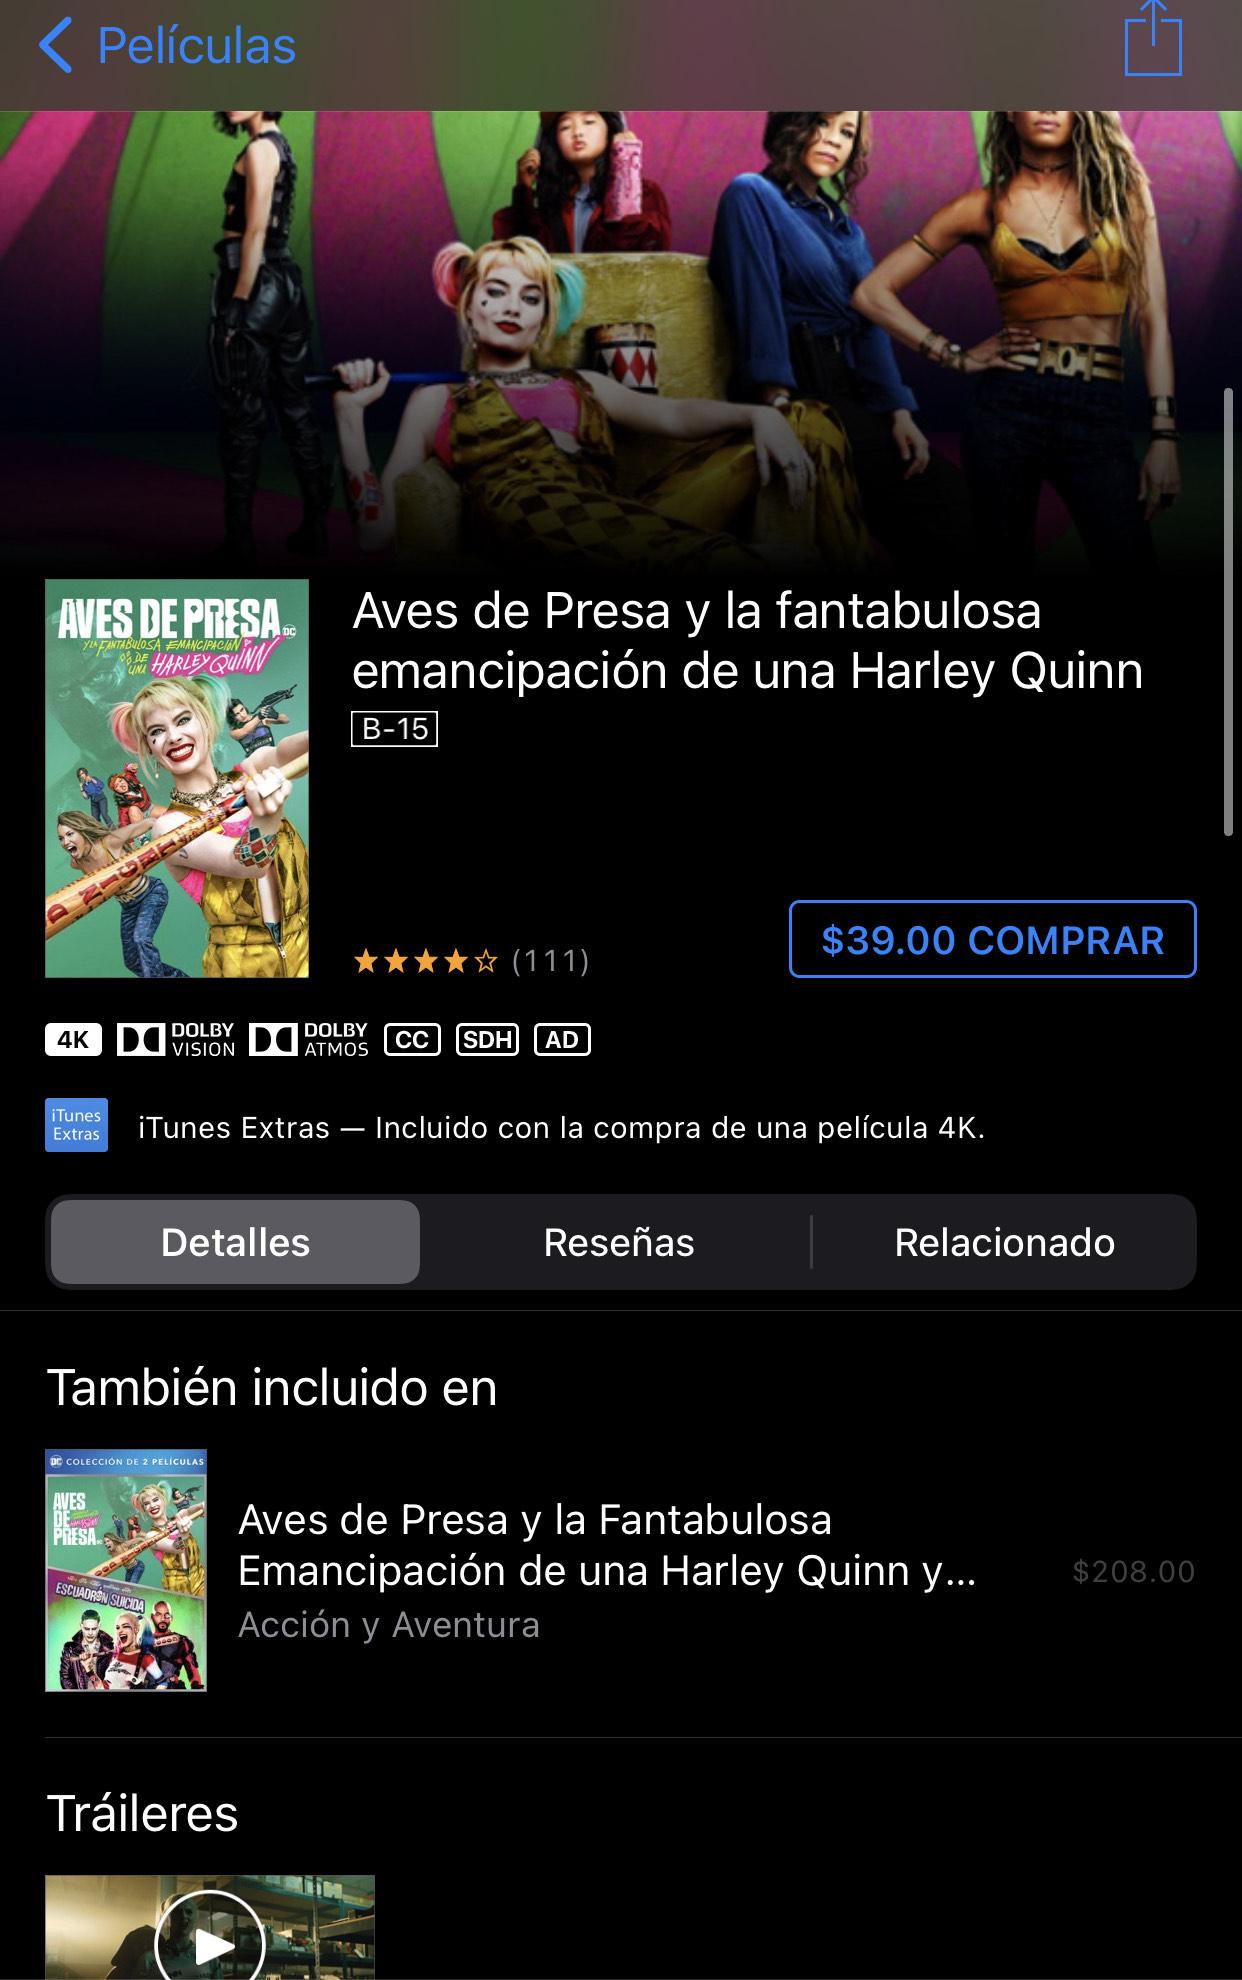 iTunes: Harley Quinn Y Las Aves De Presa 4k + Dolby Atmos